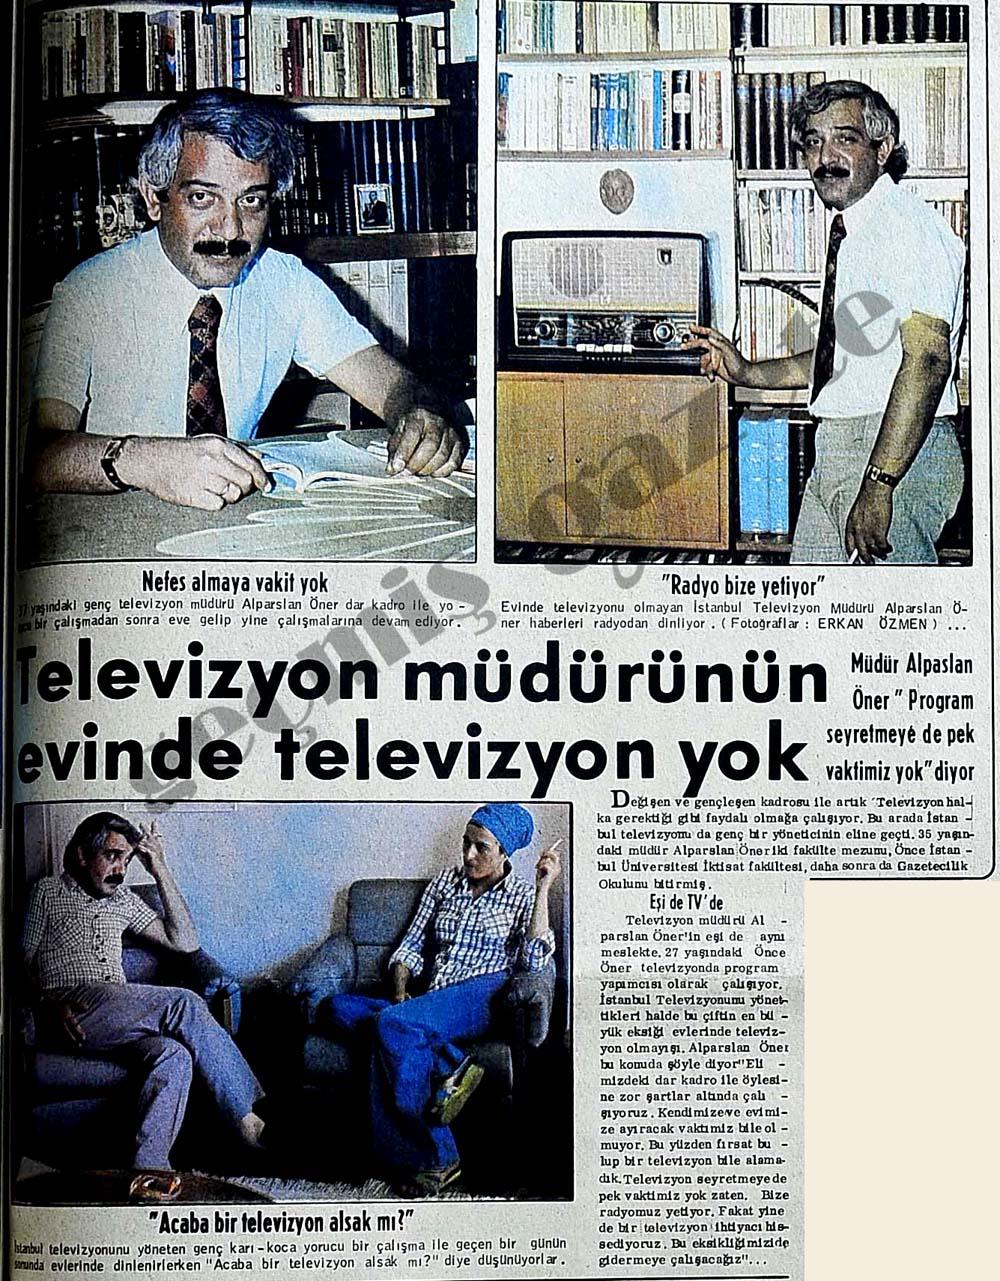 Televizyon müdürünün evinde televizyon yok